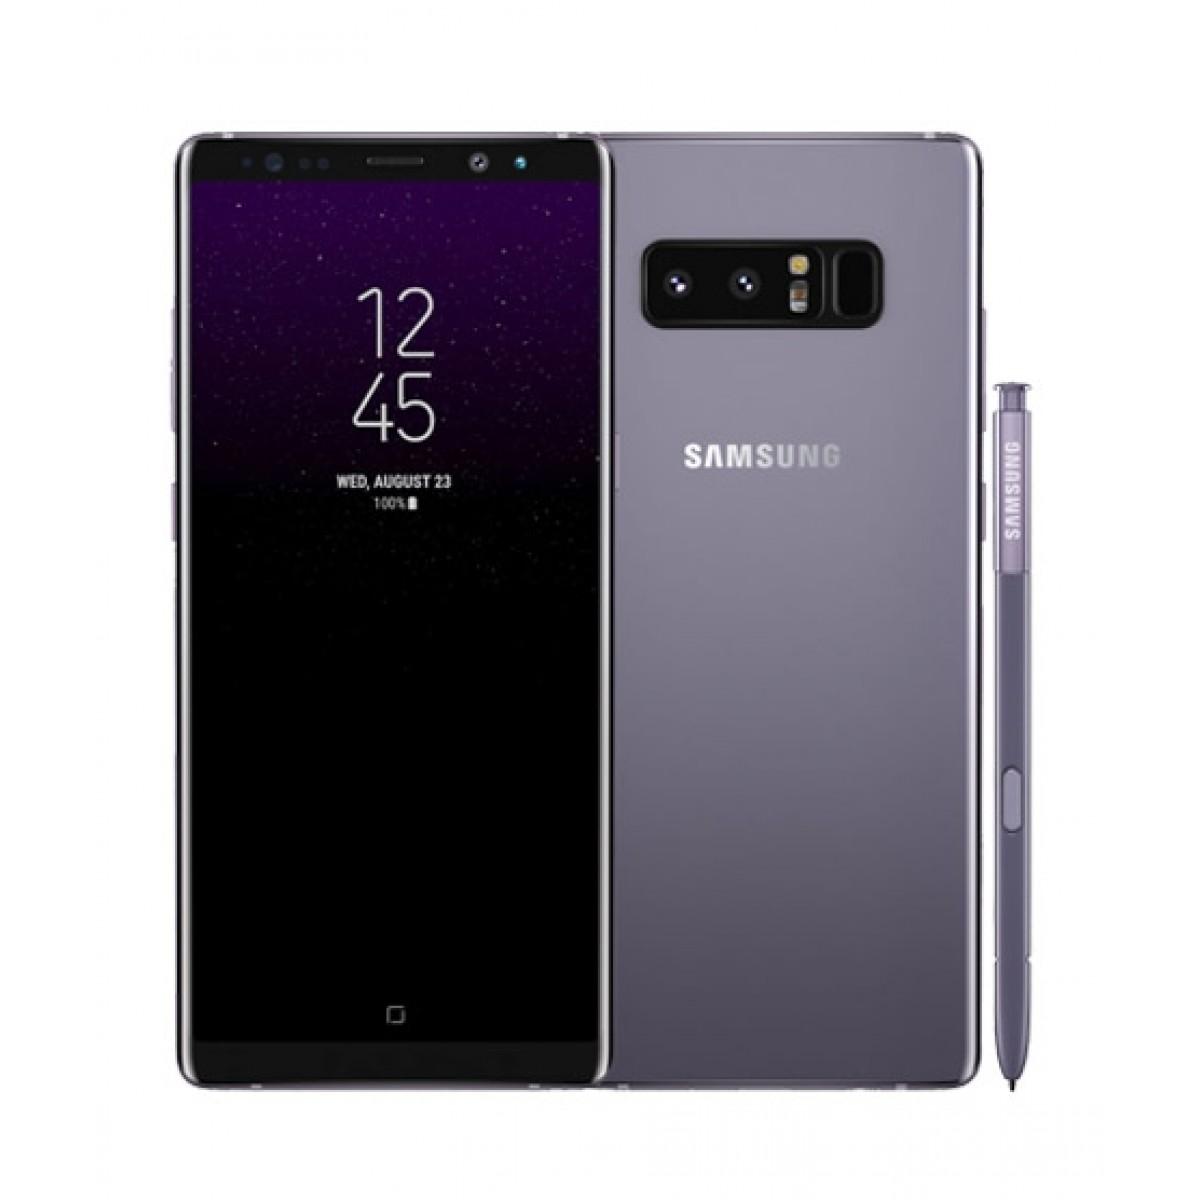 Samsung Galaxy Note 8 64GB Dual Sim Orchid Gray (N950FD)